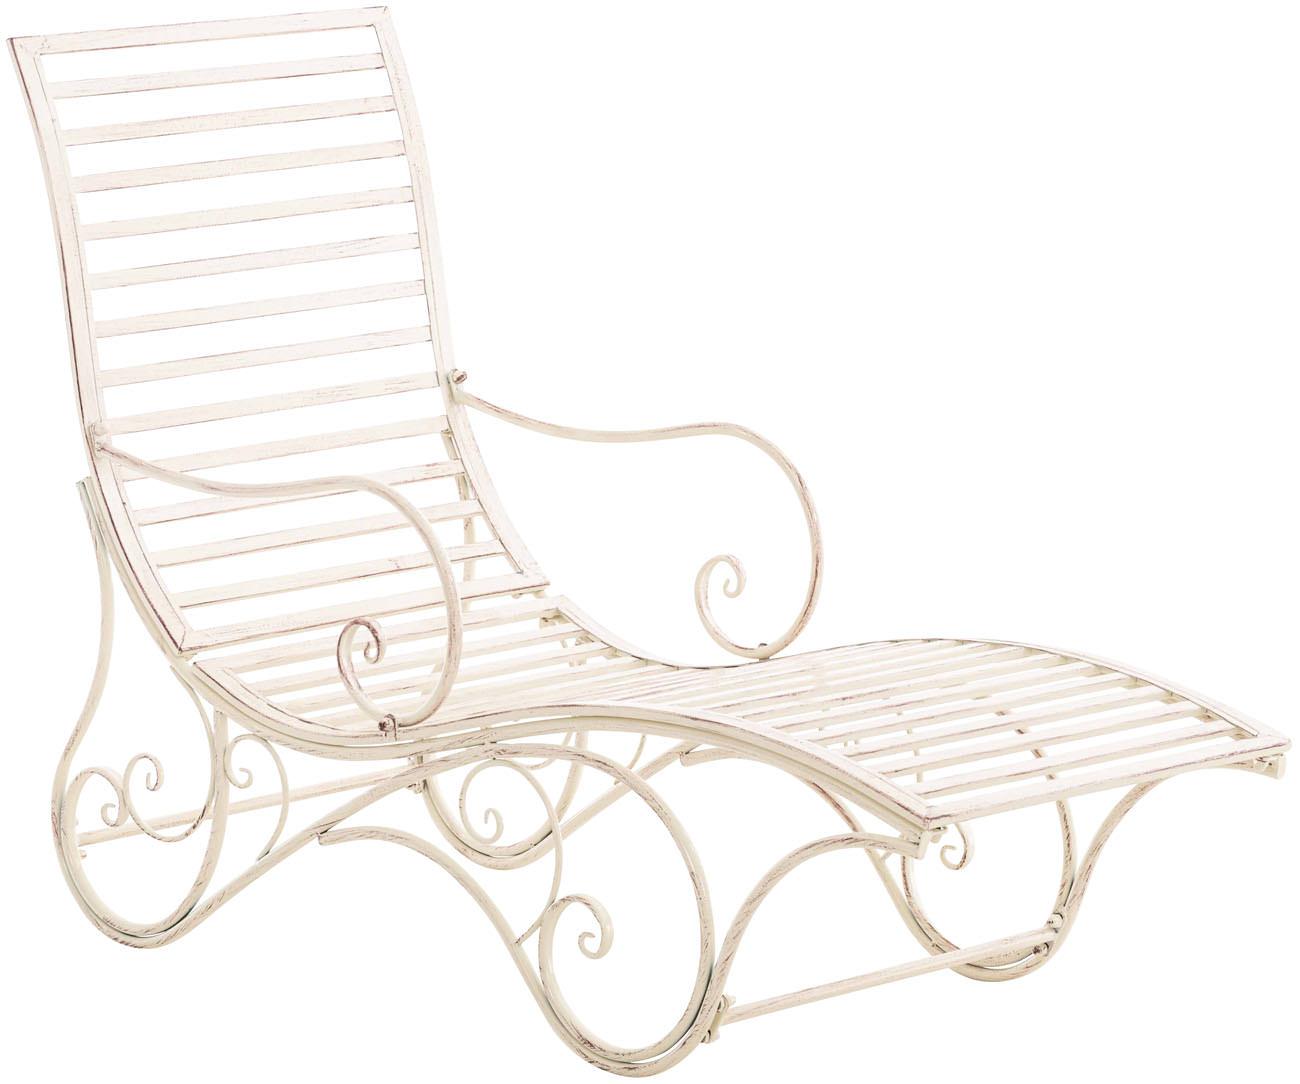 Gartenliege Amiens Sonnenliege Liegestuhl Garten Eisenliege Bank Metall Terrasse